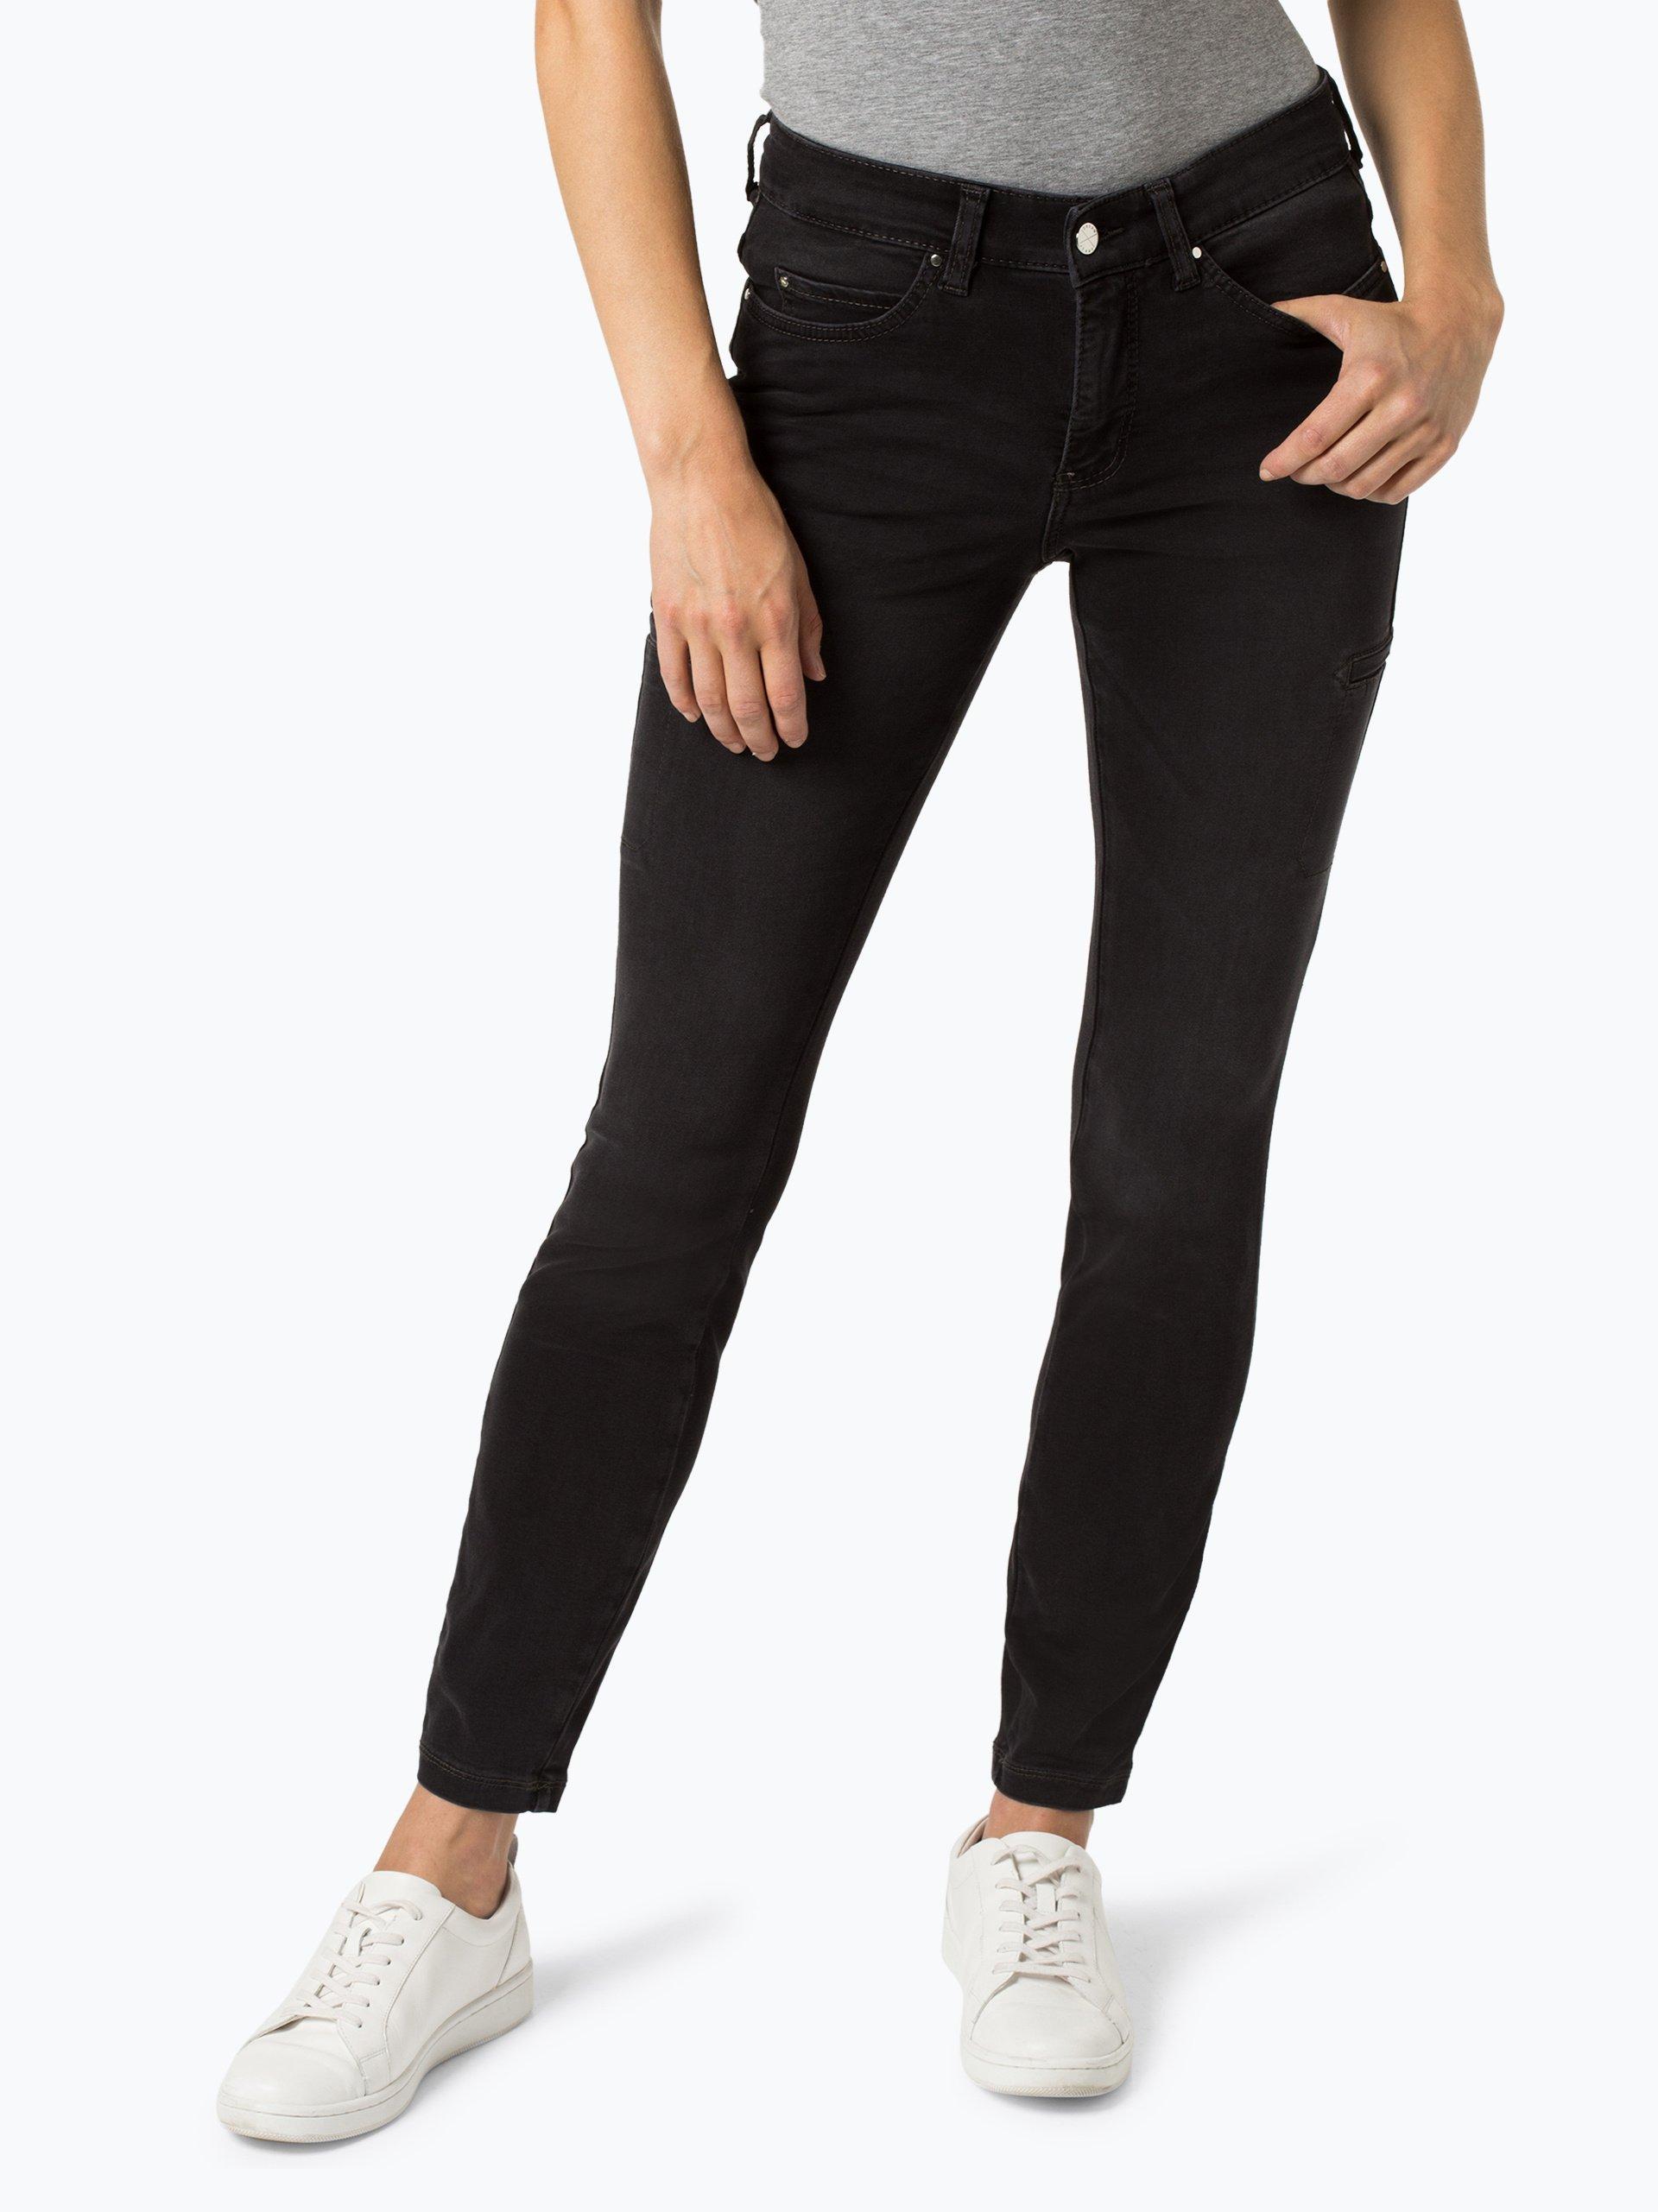 mac damen jeans dream skinny online kaufen vangraaf com. Black Bedroom Furniture Sets. Home Design Ideas